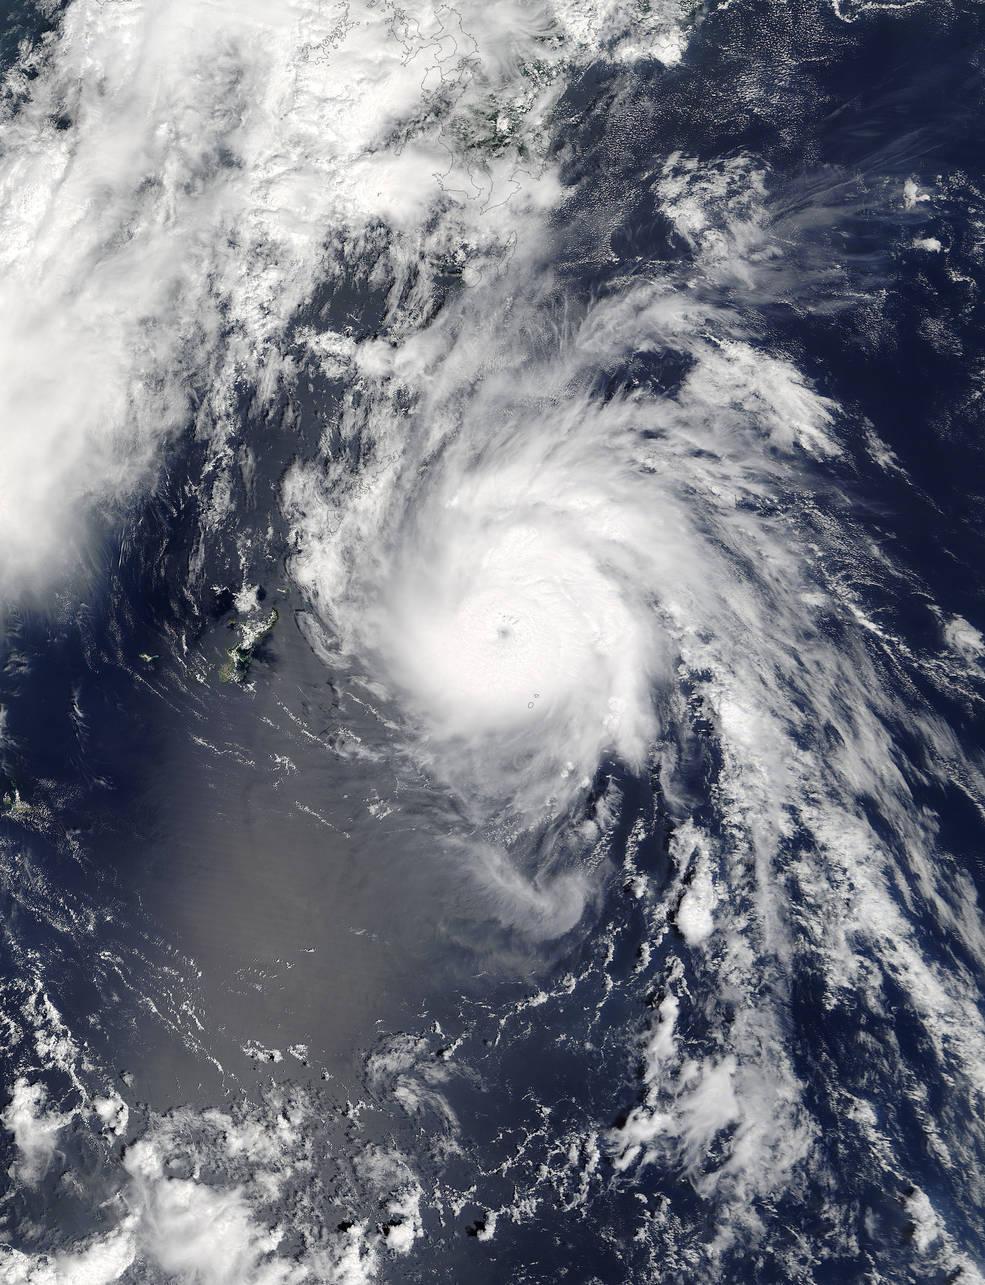 Terra image of Namtheun